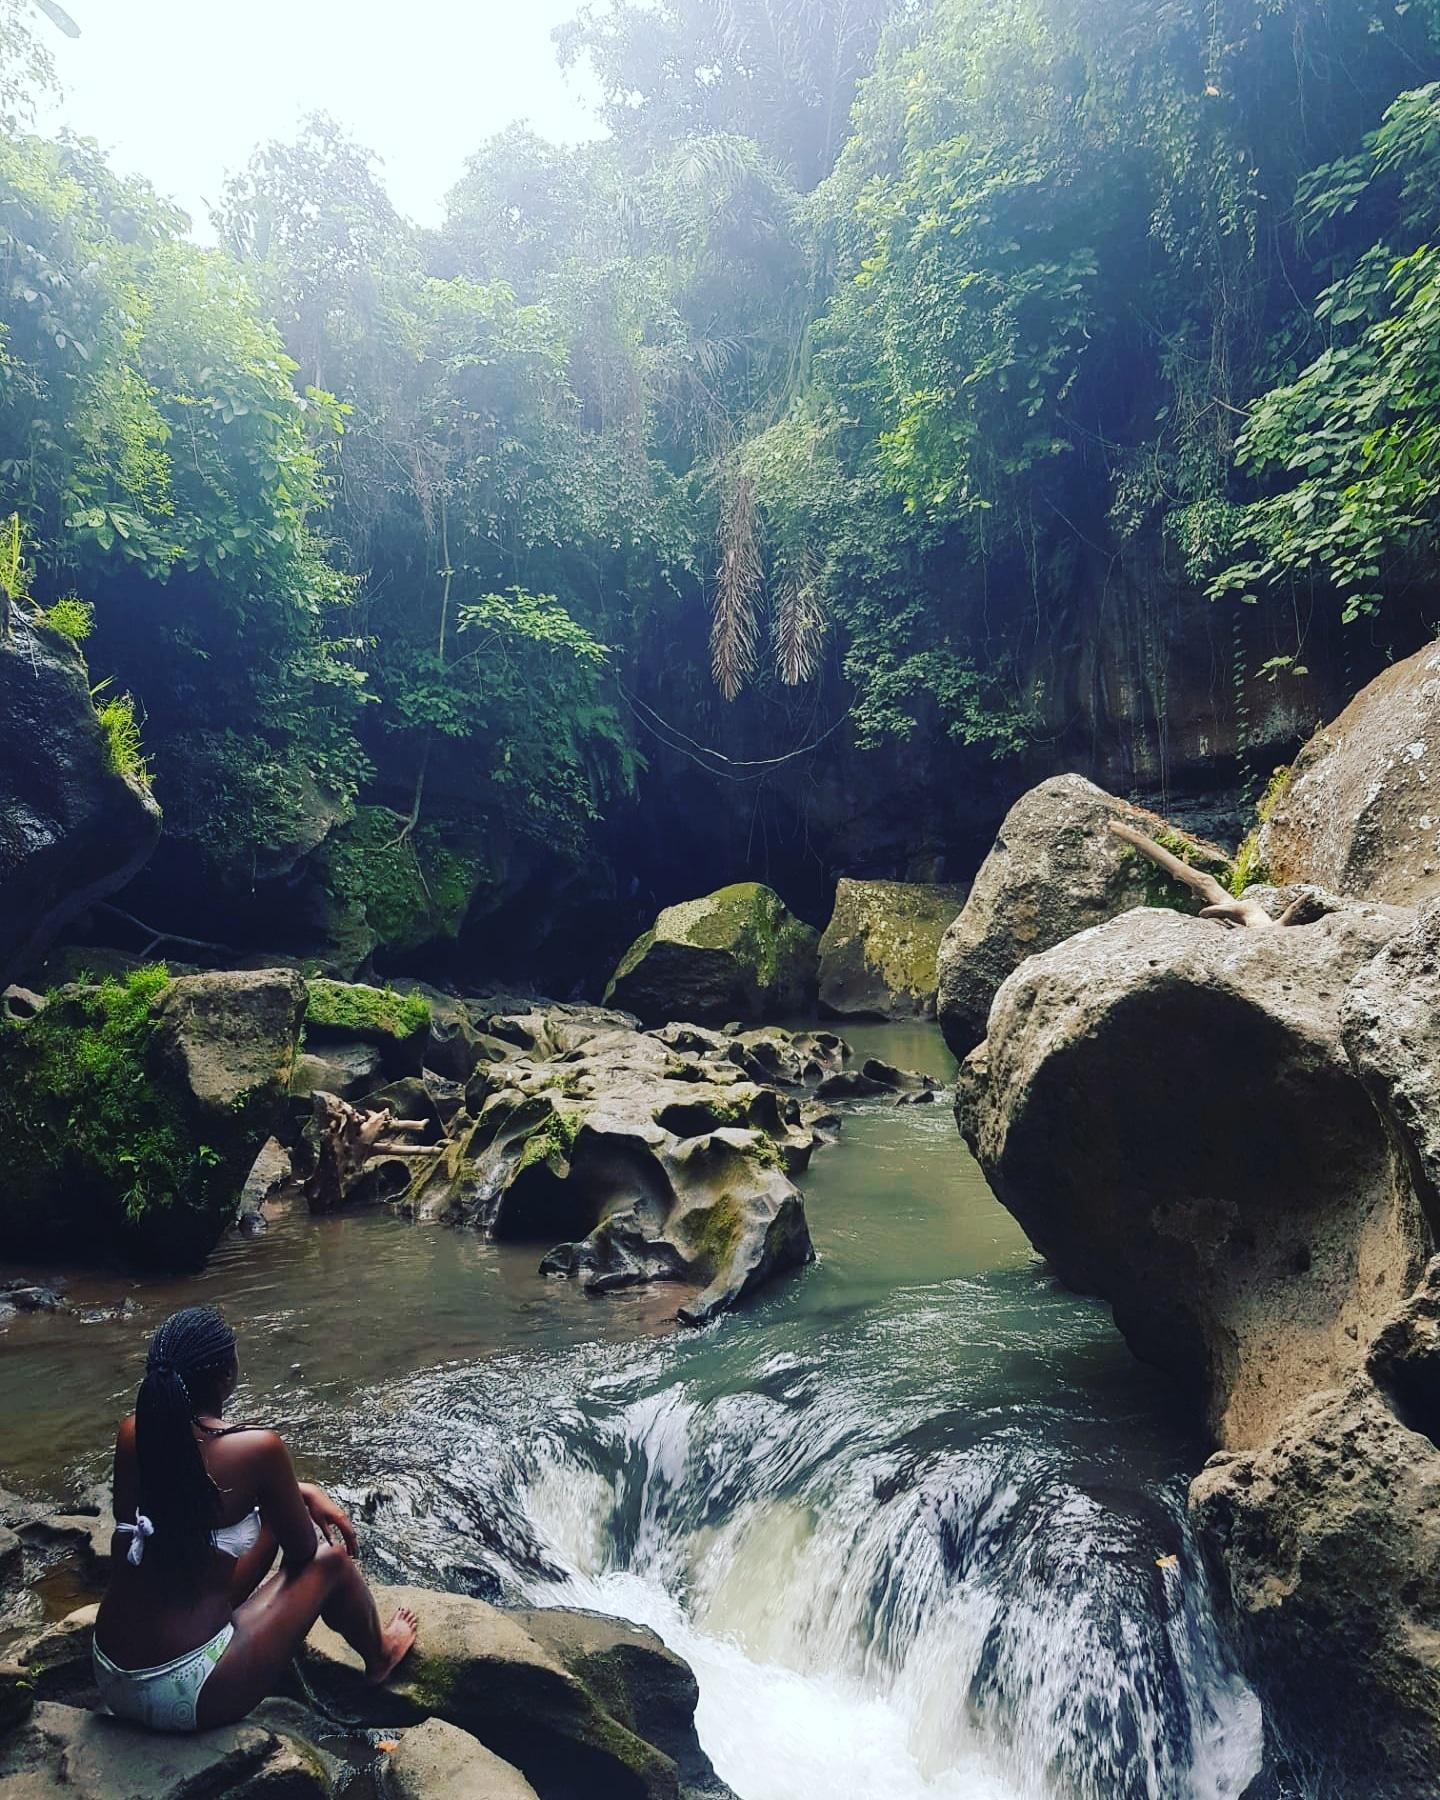 les gorges de Beji Guwang (Hidden Canyon Beji Guwang)